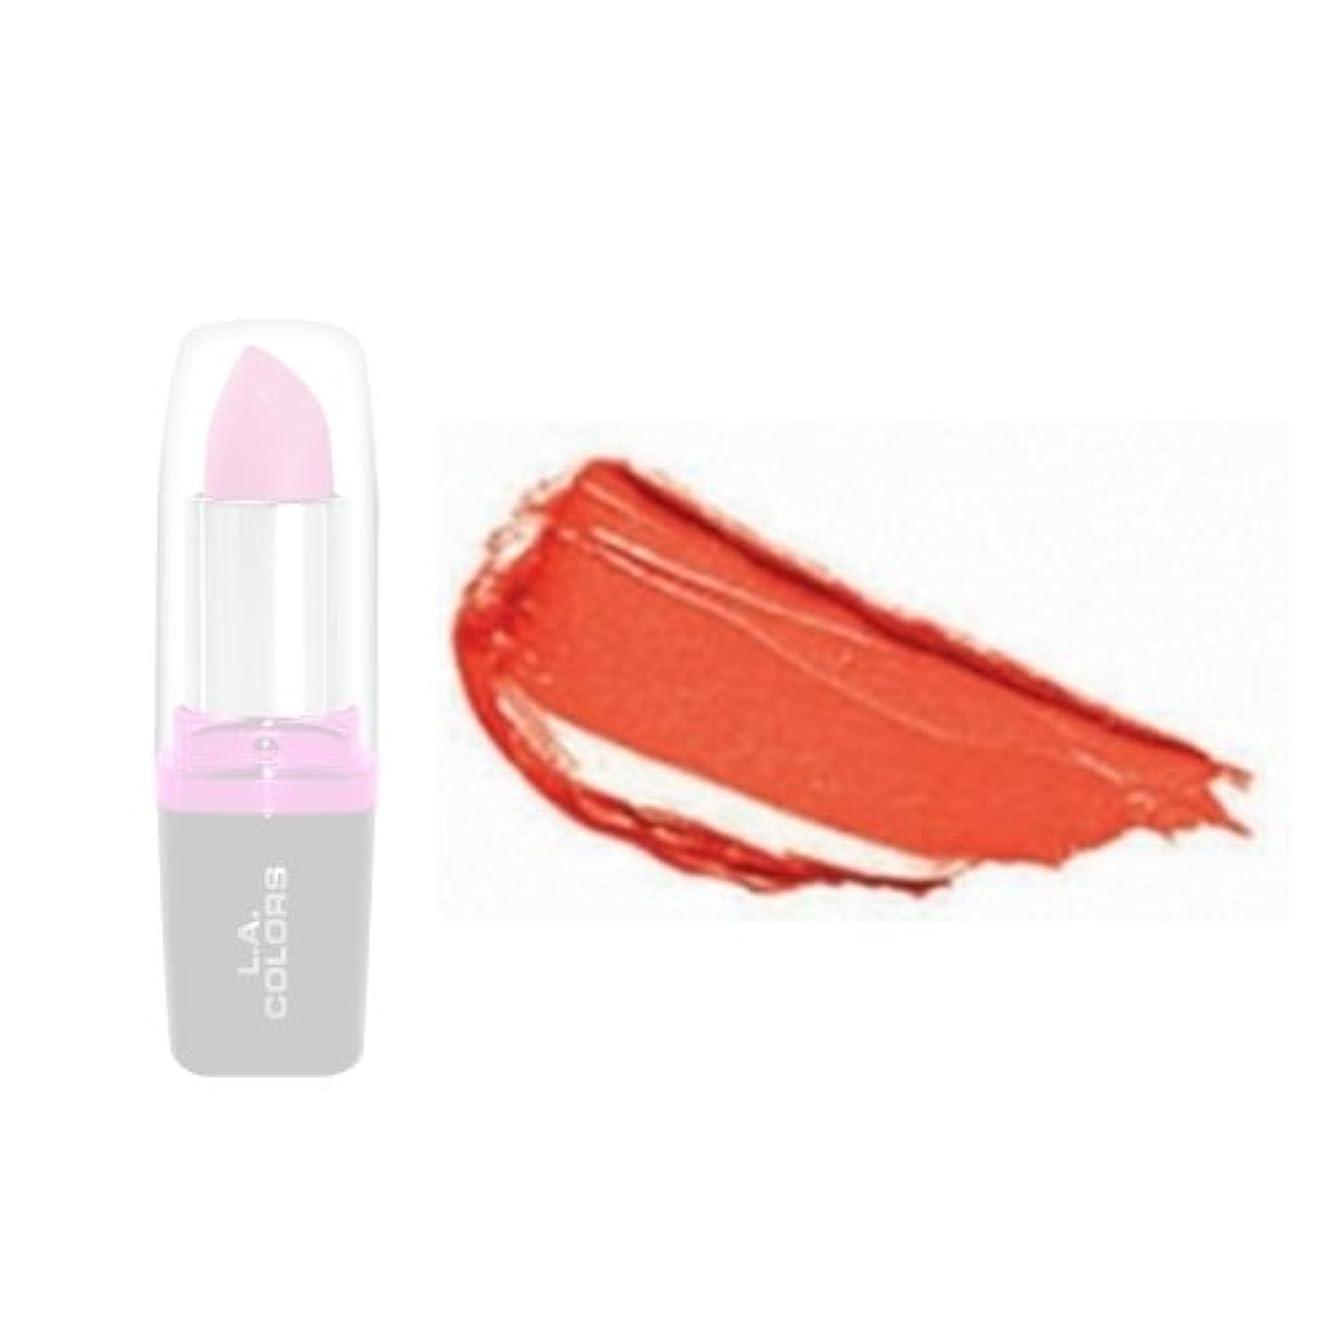 クラックポット目の前の資本主義(6 Pack) LA Colors Hydrating Lipstick - Sweet Nectar (並行輸入品)